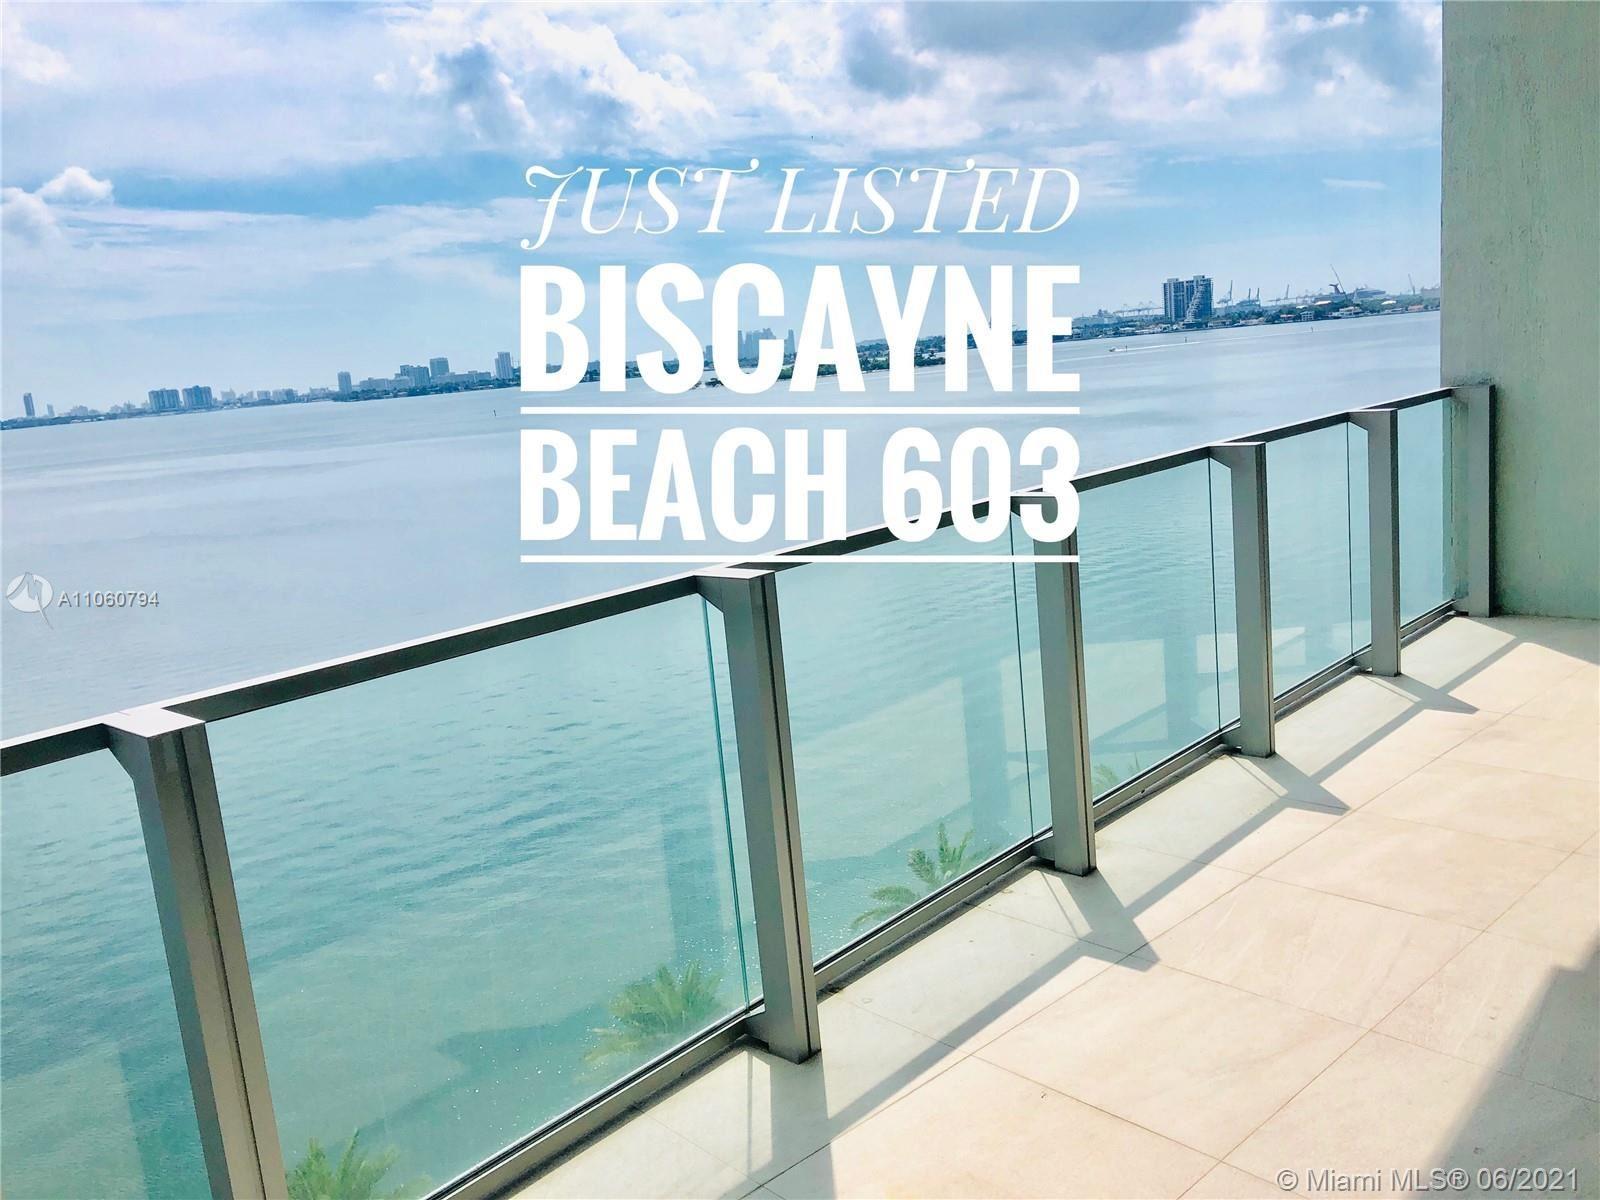 2900 NE 7th Ave #603, Miami, FL 33137 - #: A11060794